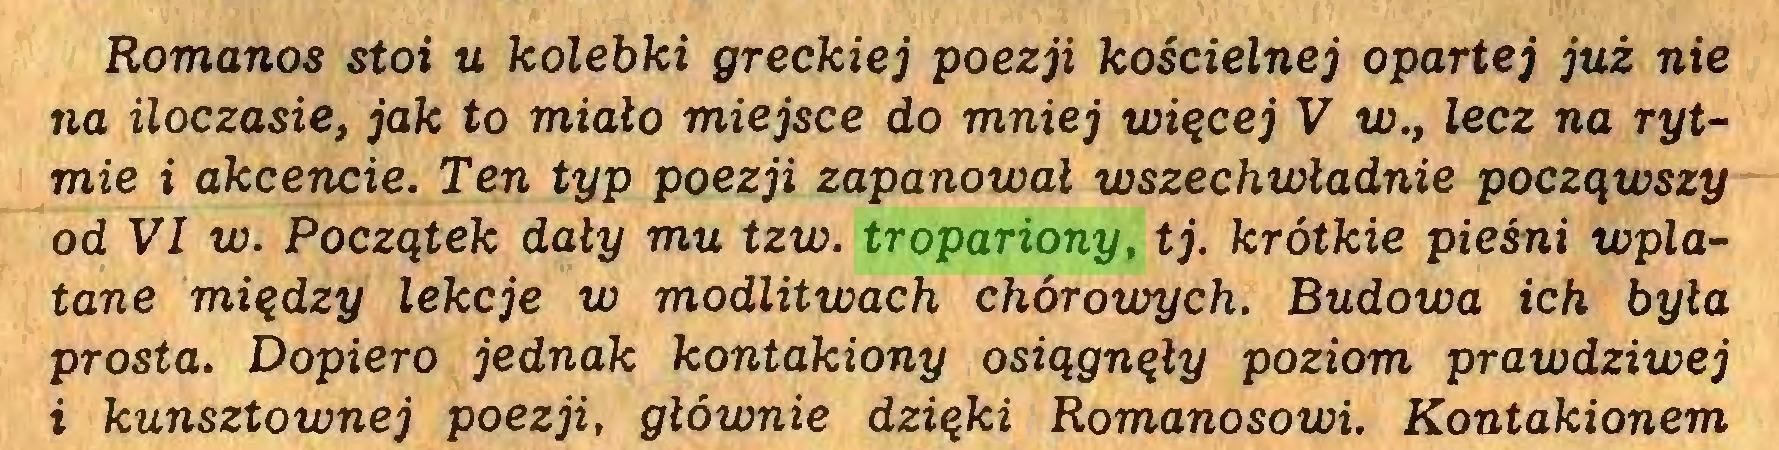 (...) Romanos stoi u kolebki greckiej poezji kościelnej opartej już nie na iloczasie, jak to miało miejsce do mniej więcej V w., lecz na rytmie i akcencie. Ten typ poezji zapanował wszechwładnie począwszy od VI w. Początek dały mu tzw. tropariony, tj. krótkie pieśni wplatane między lekcje w modlitwach chórowych. Budowa ich była prosta. Dopiero jednak kontakiony osiągnęły poziom prawdziwej i kunsztownej poezji, głównie dzięki Romanosowi. Kontakionem...